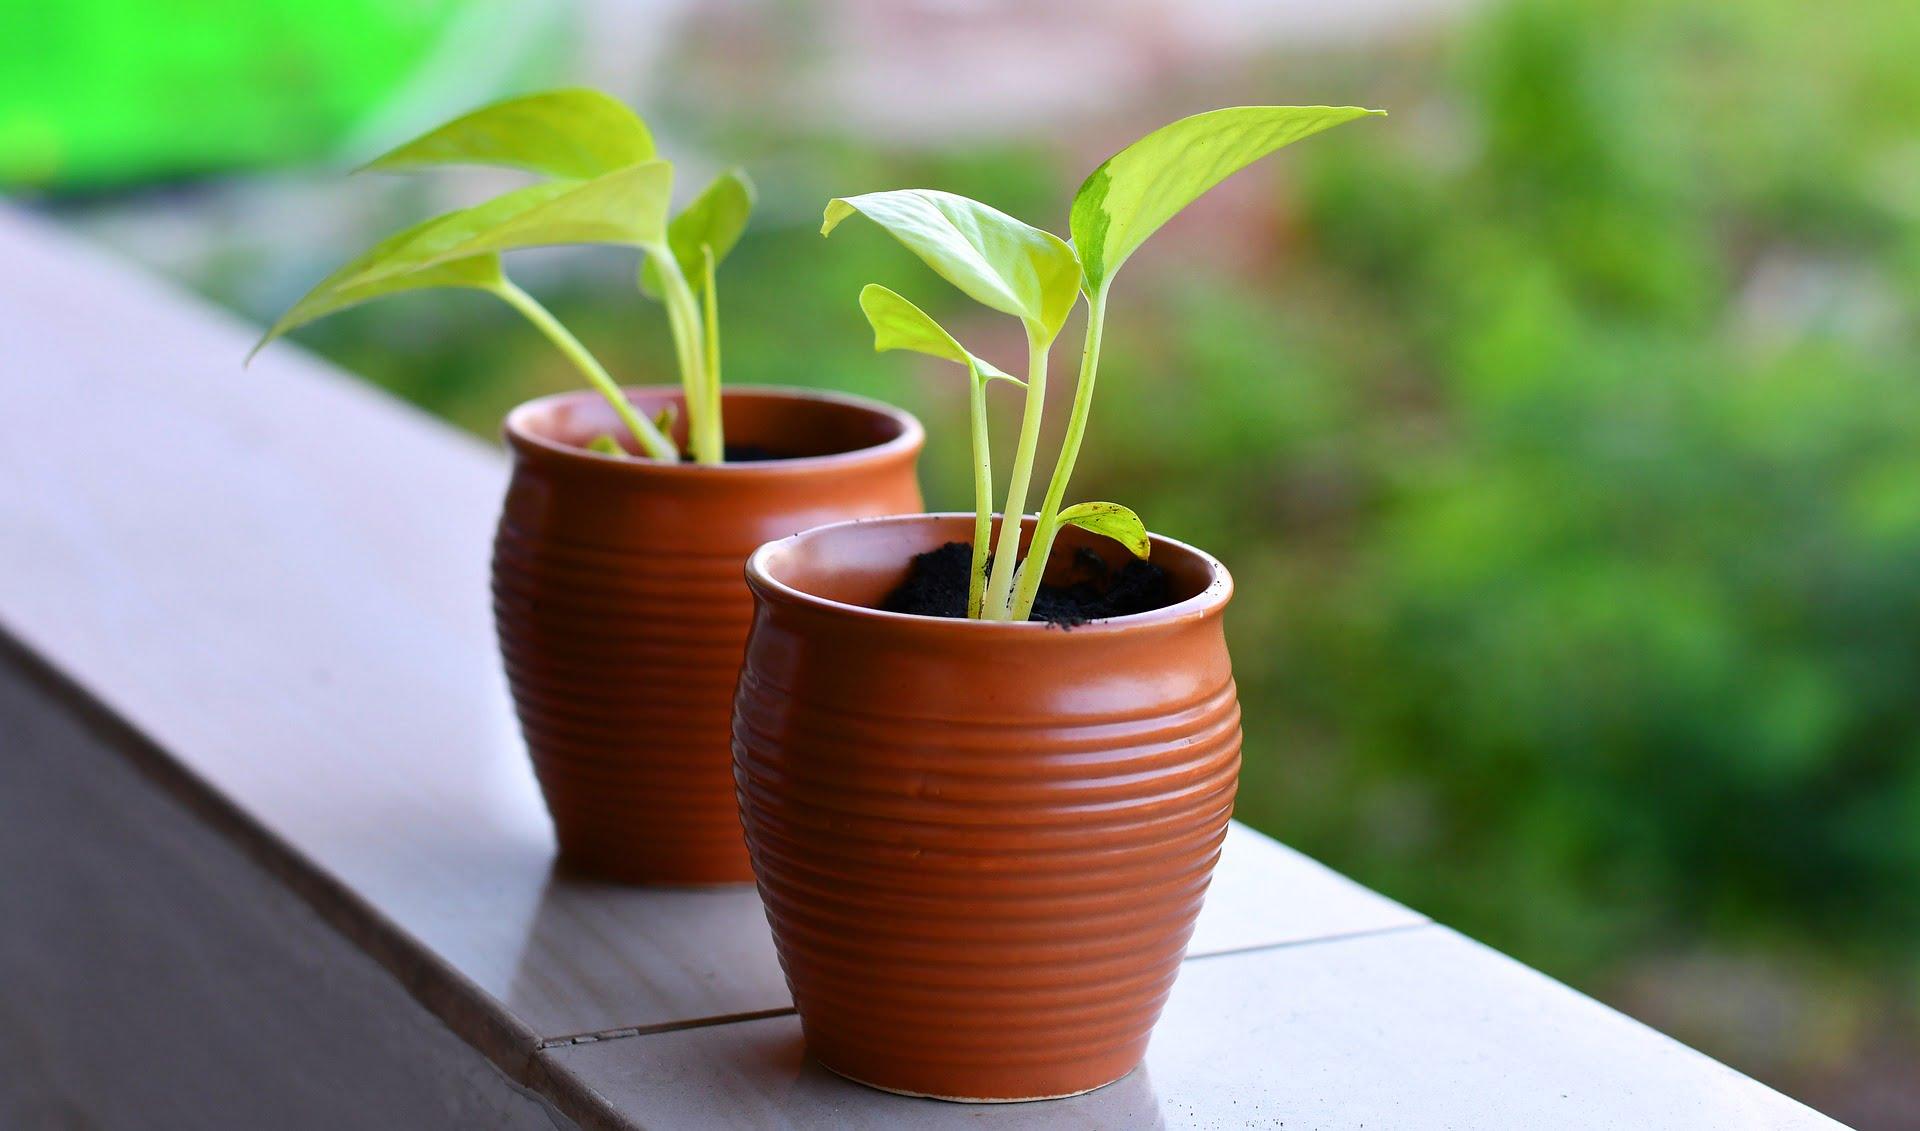 Two small saplings in terracotta pots.